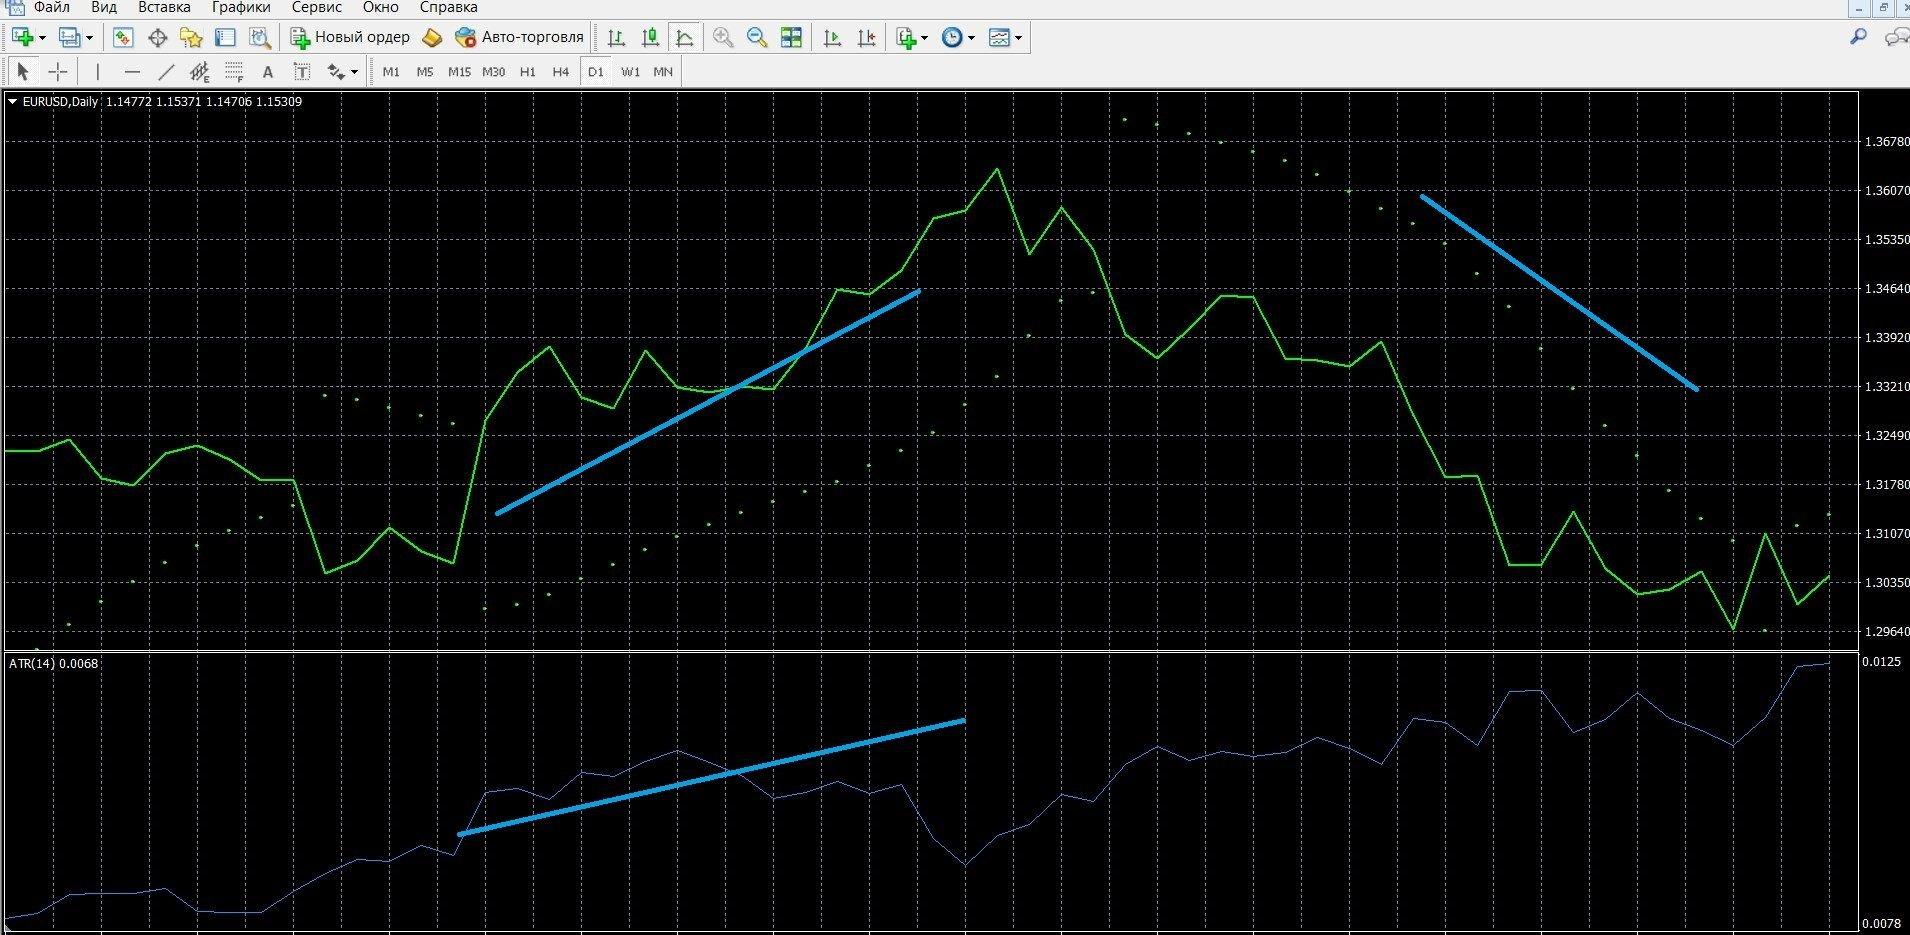 Нисходящий тренд индикатора ATR